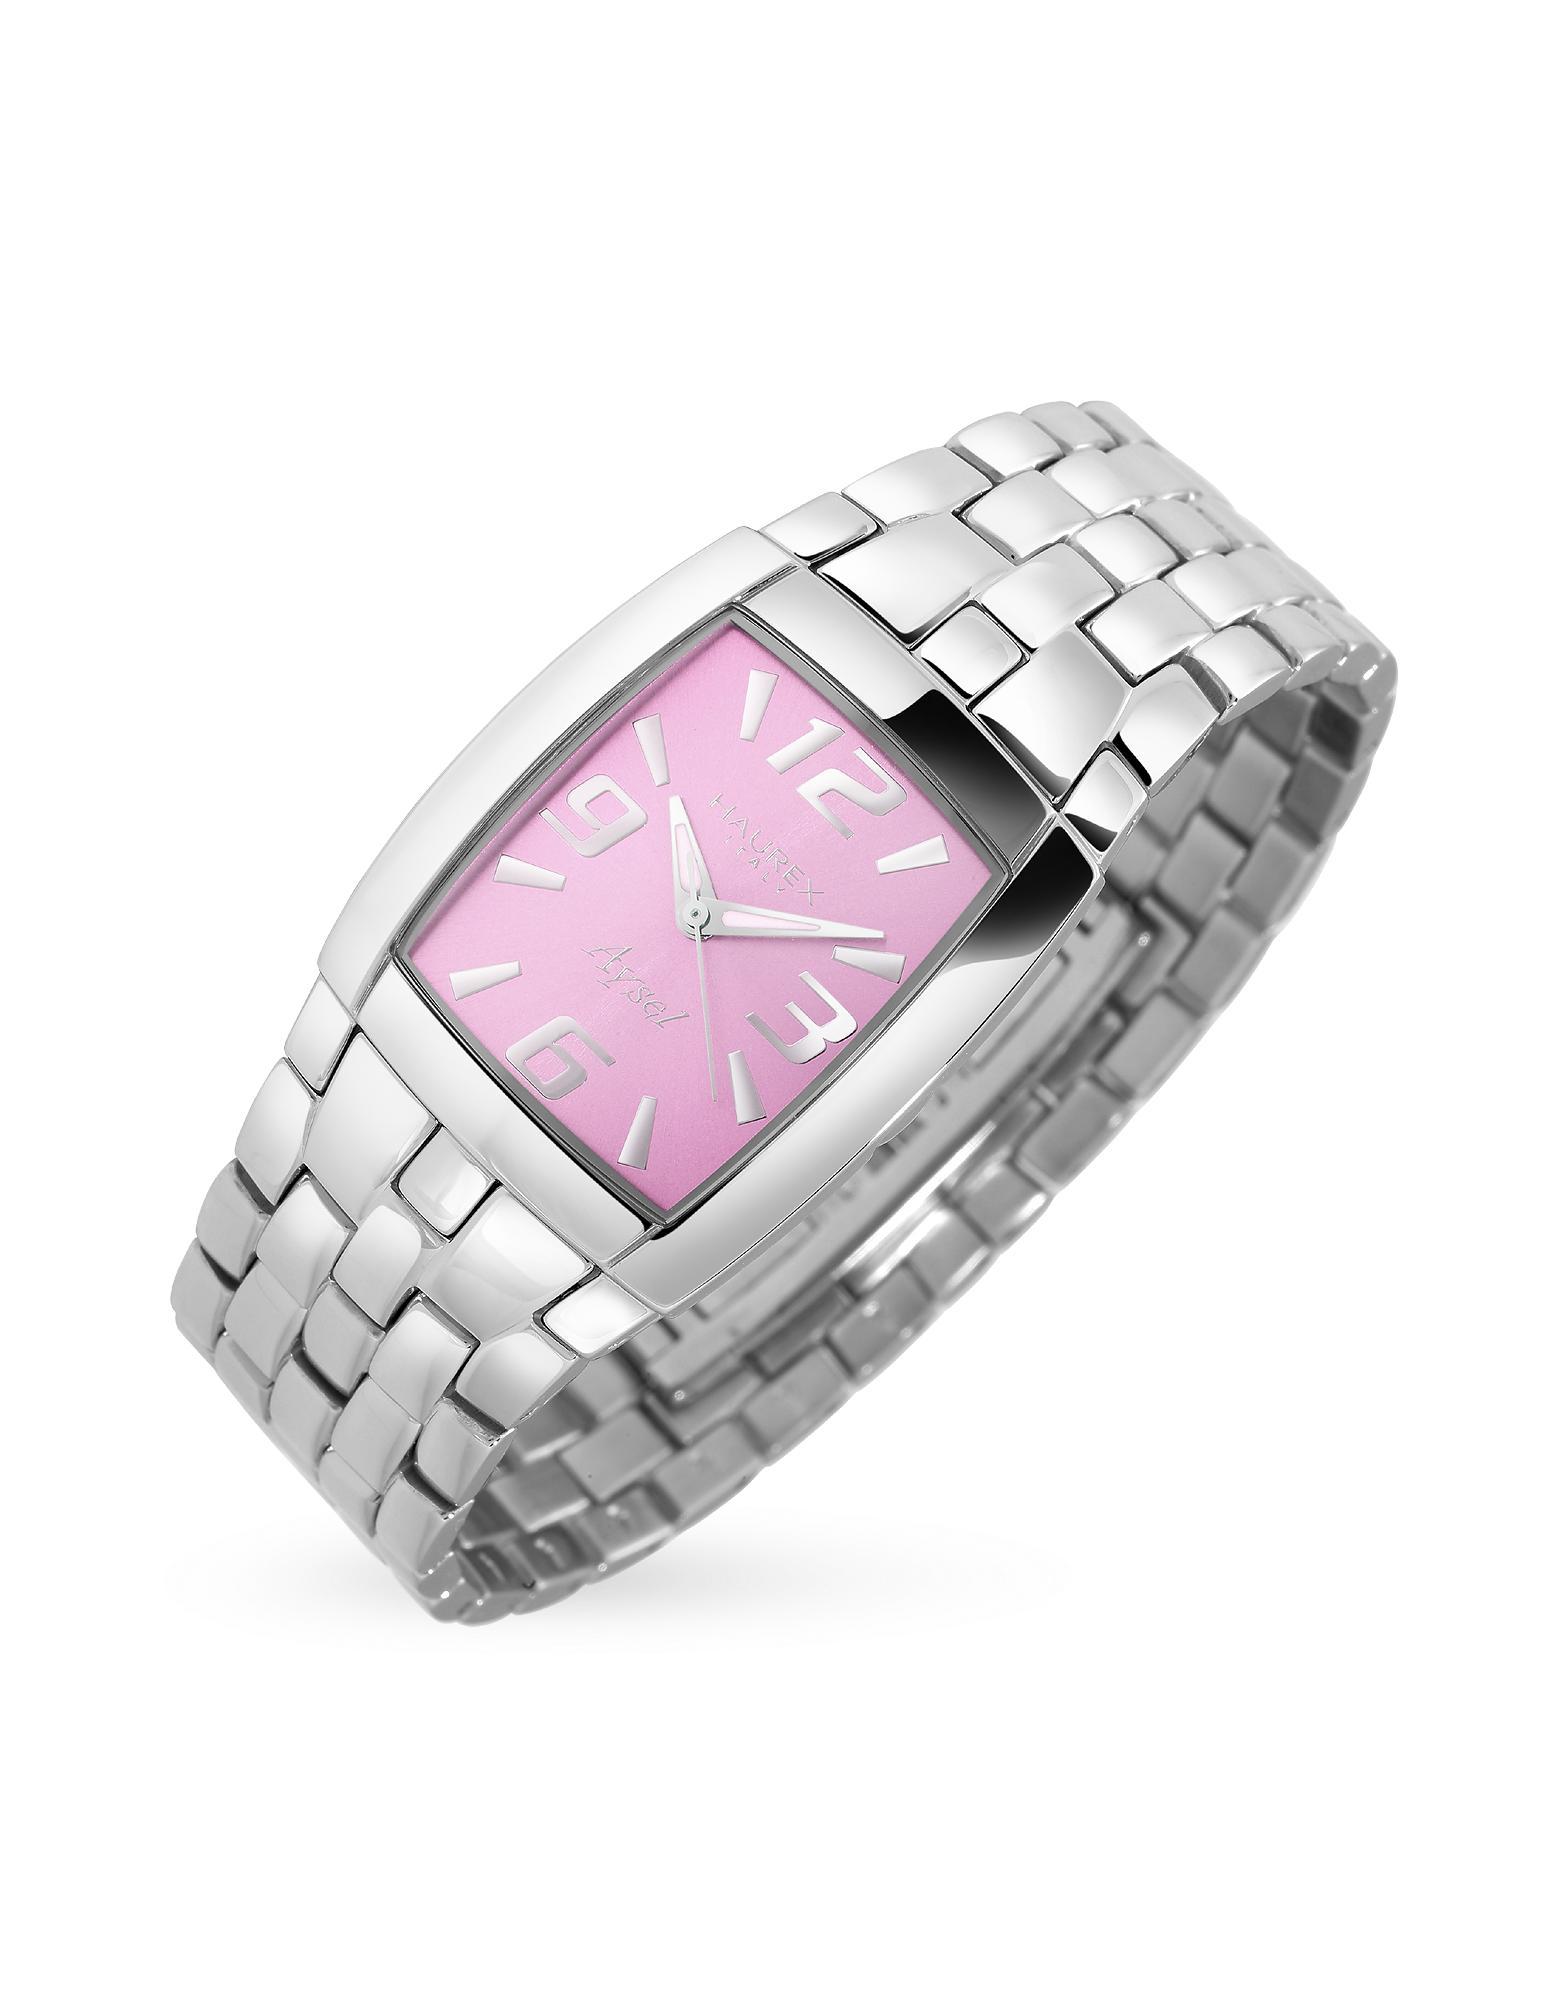 Haurex  Aysel Women's Pink Dial Stainless Steel Watch